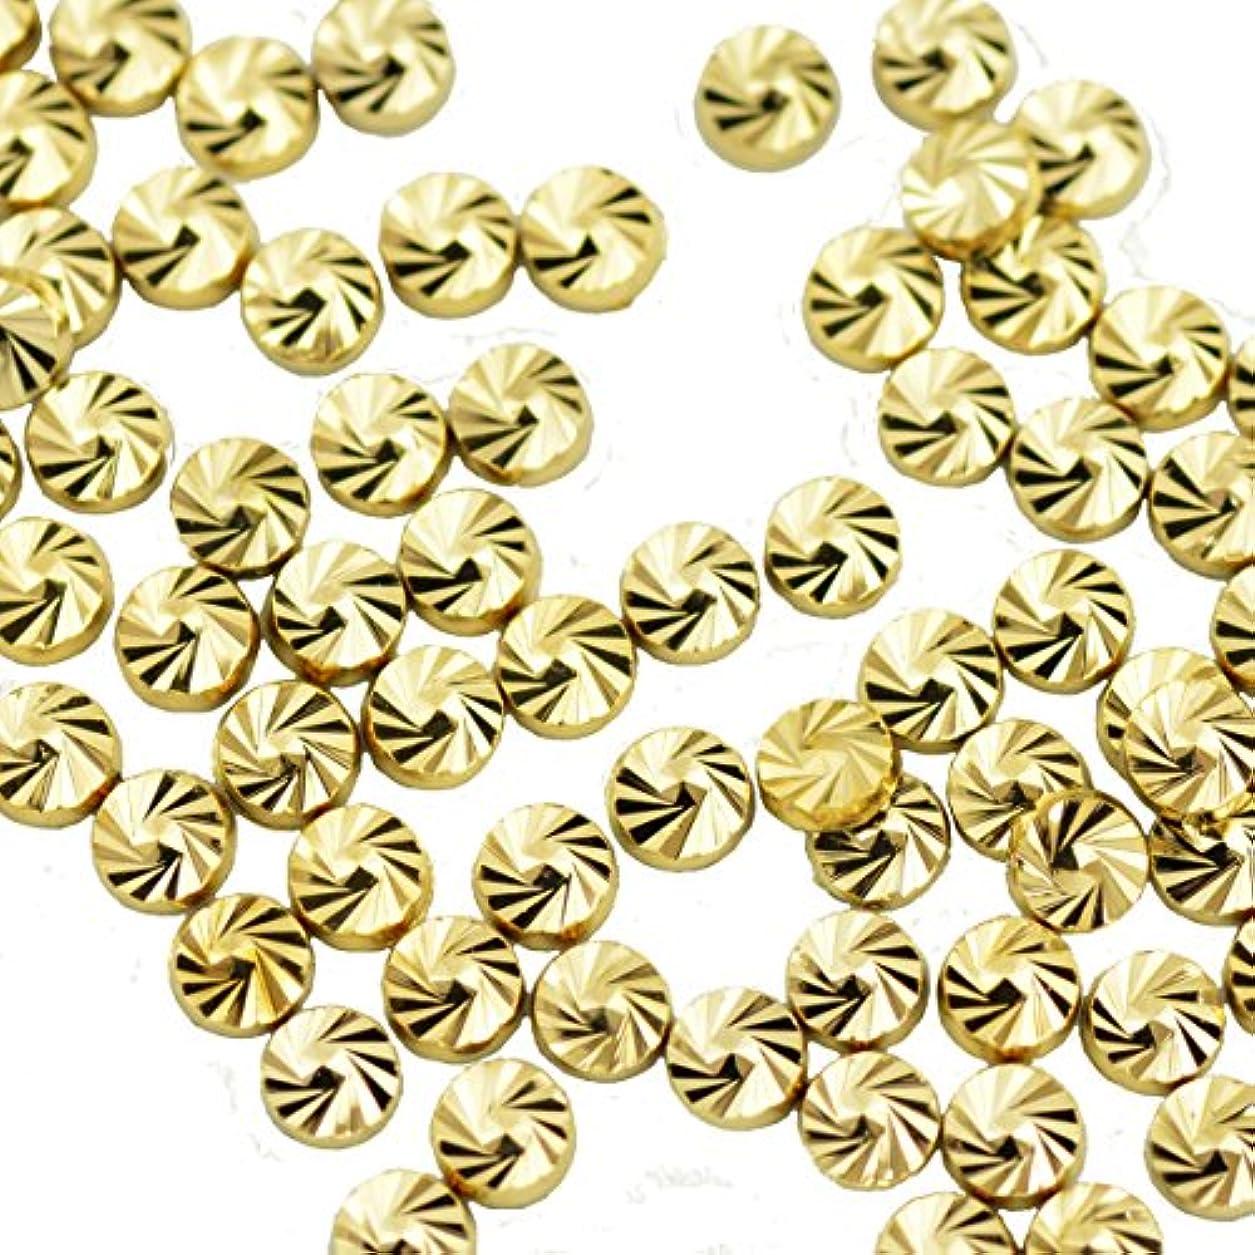 民間人私たちのもの永久Buddy Style ネイルパーツ デコパーツ スタッズ コインスタッズ ゴールド 1.8mm 20個